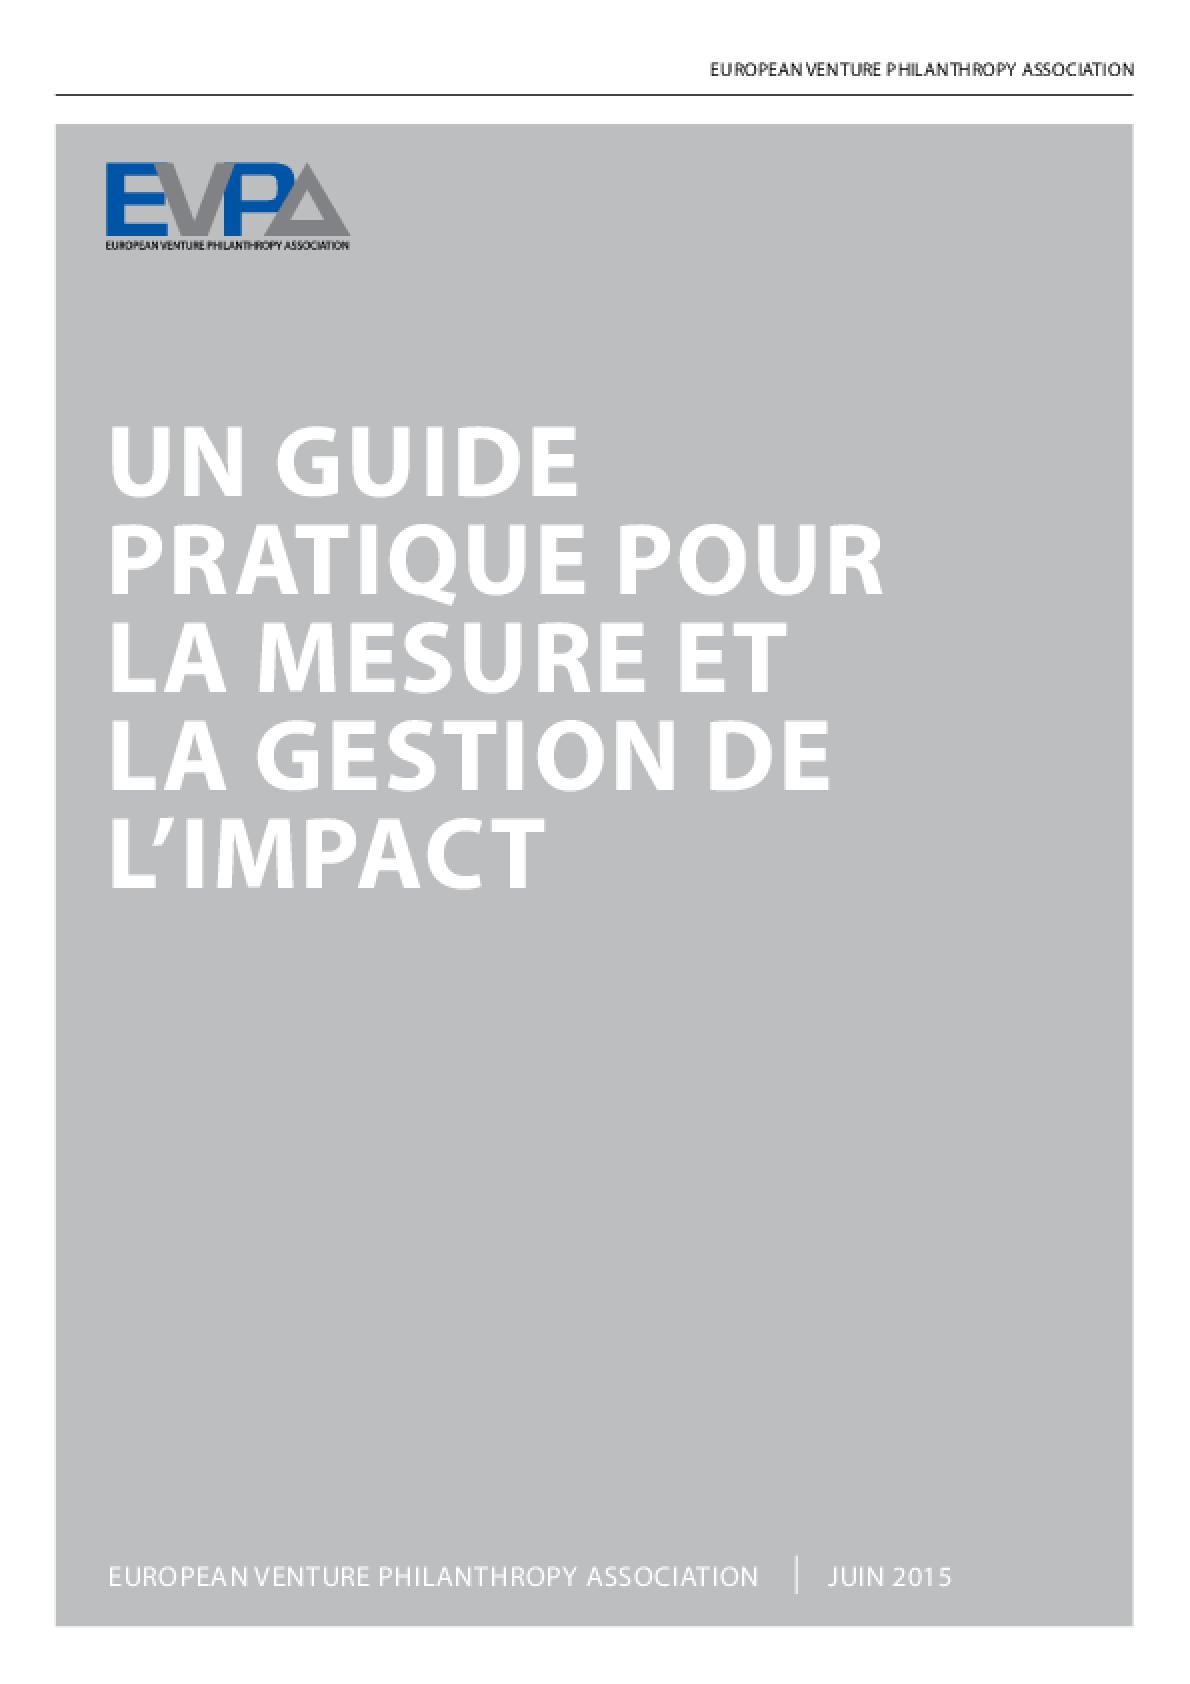 Un guide pratique pour la mesure et la gestion de l'impact